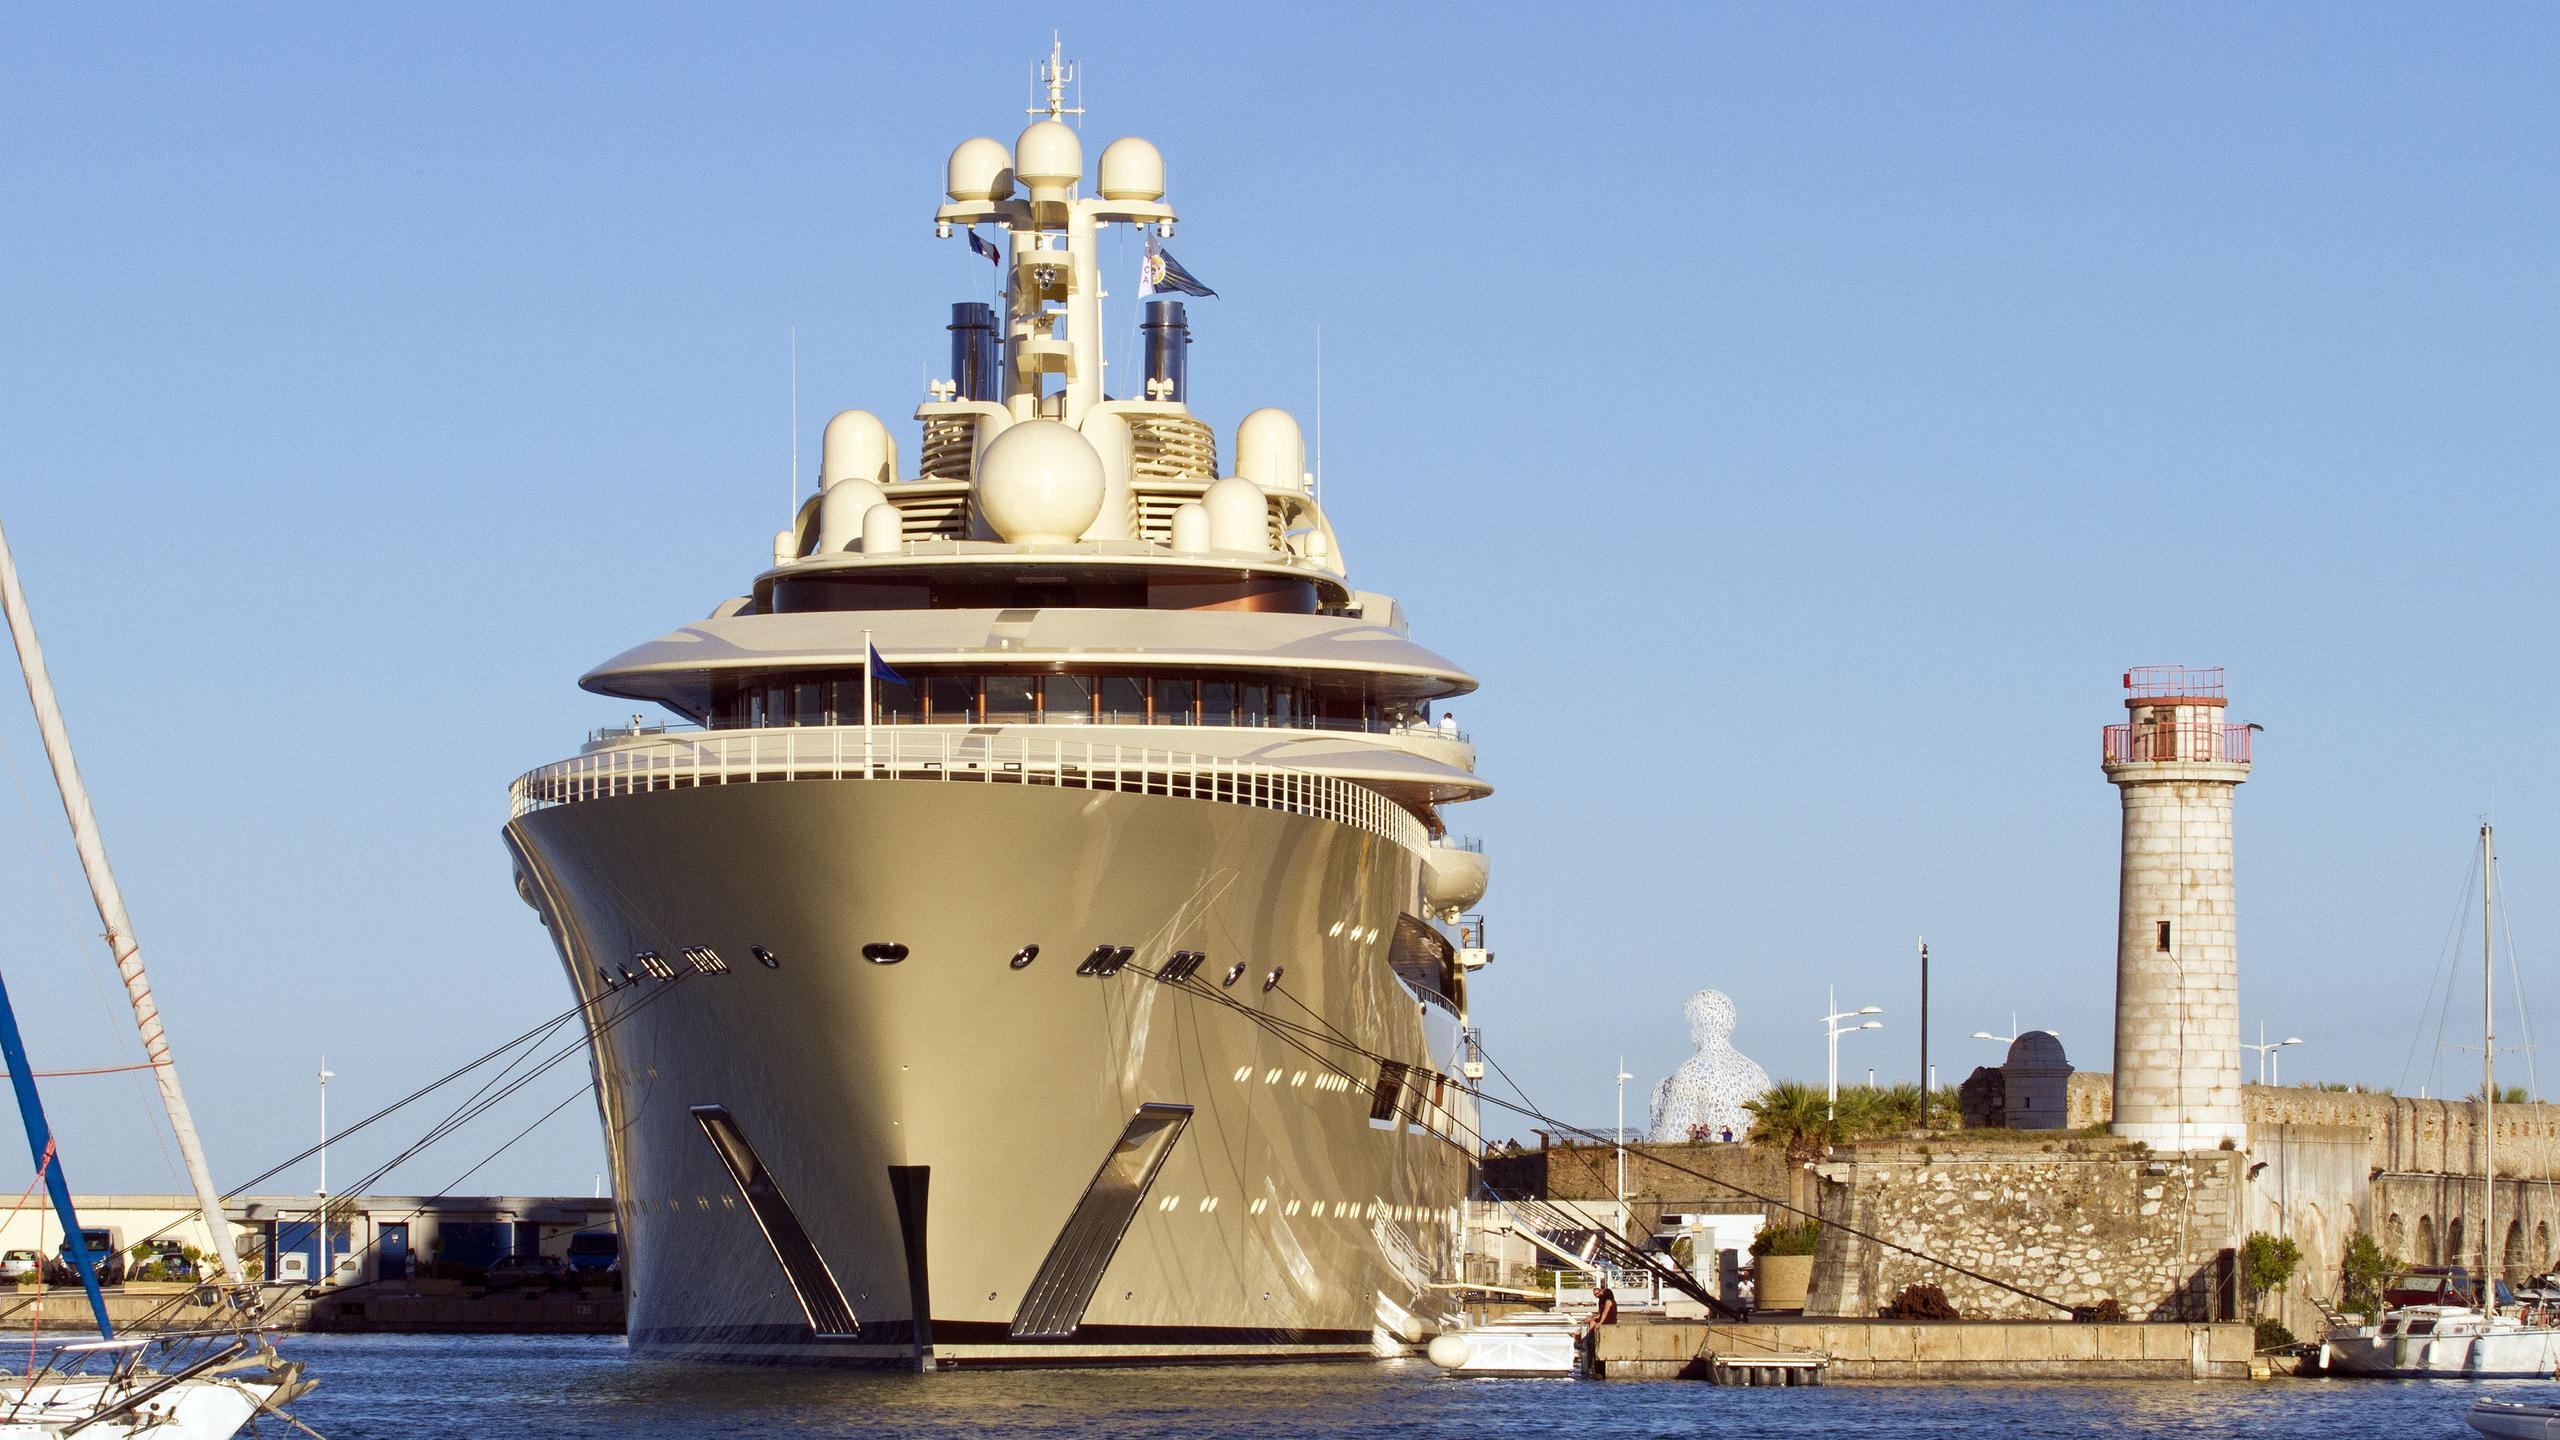 dilbar-motor-yacht-lurssen-2016-156m-bow